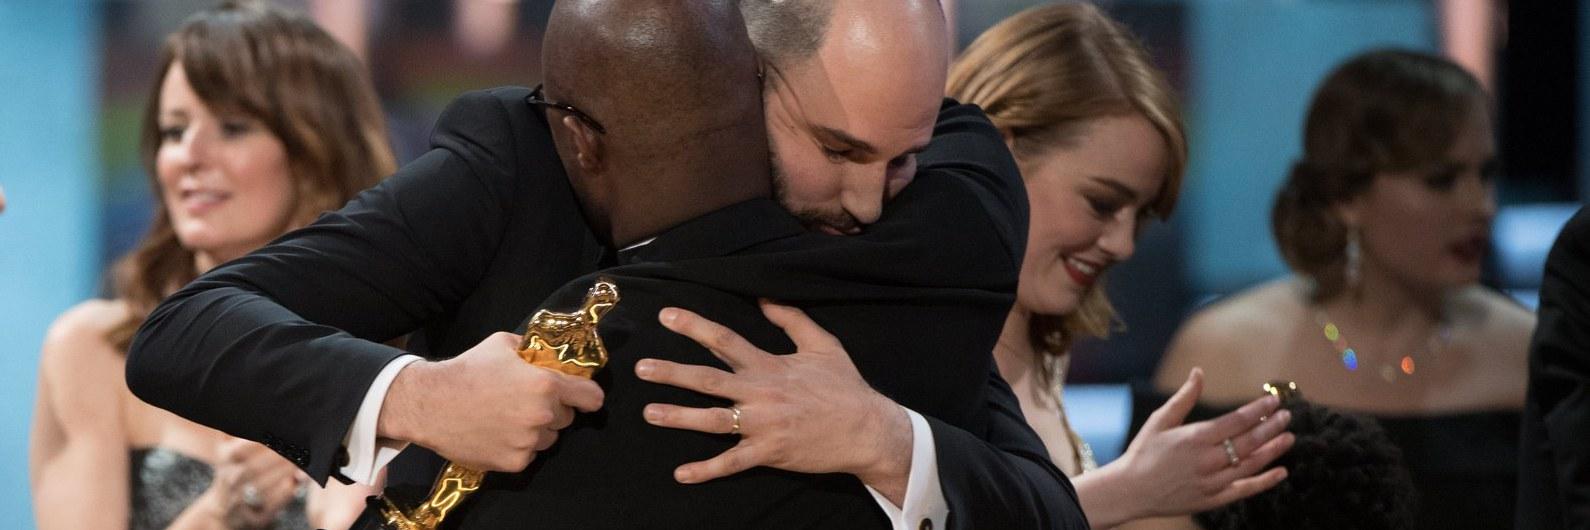 Óscares: As primeiras vezes e os recordes deste ano